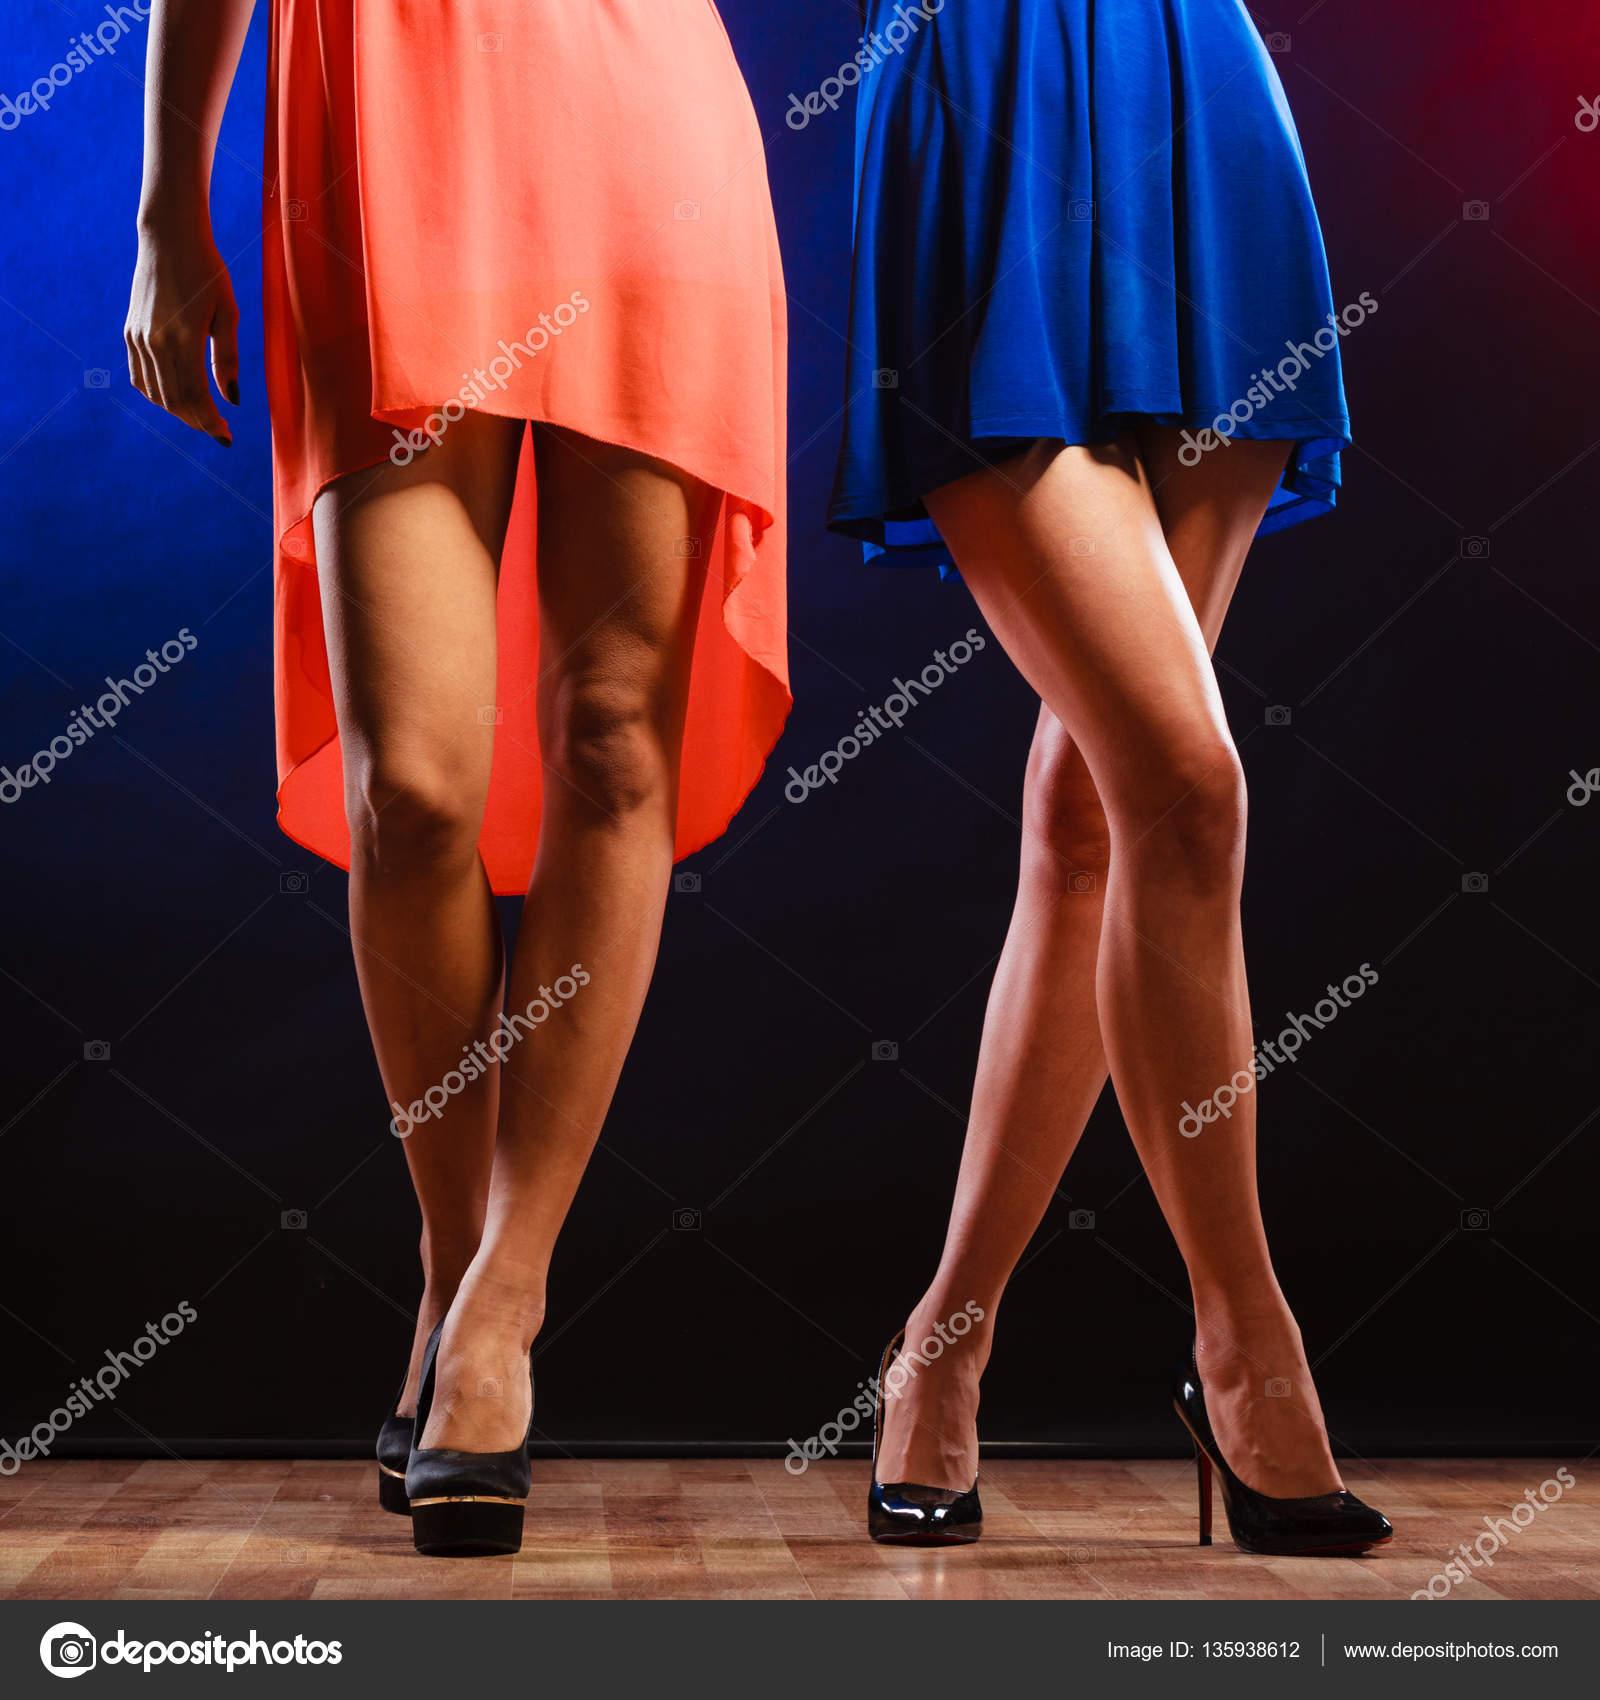 женские ножки в ночных клубах фото